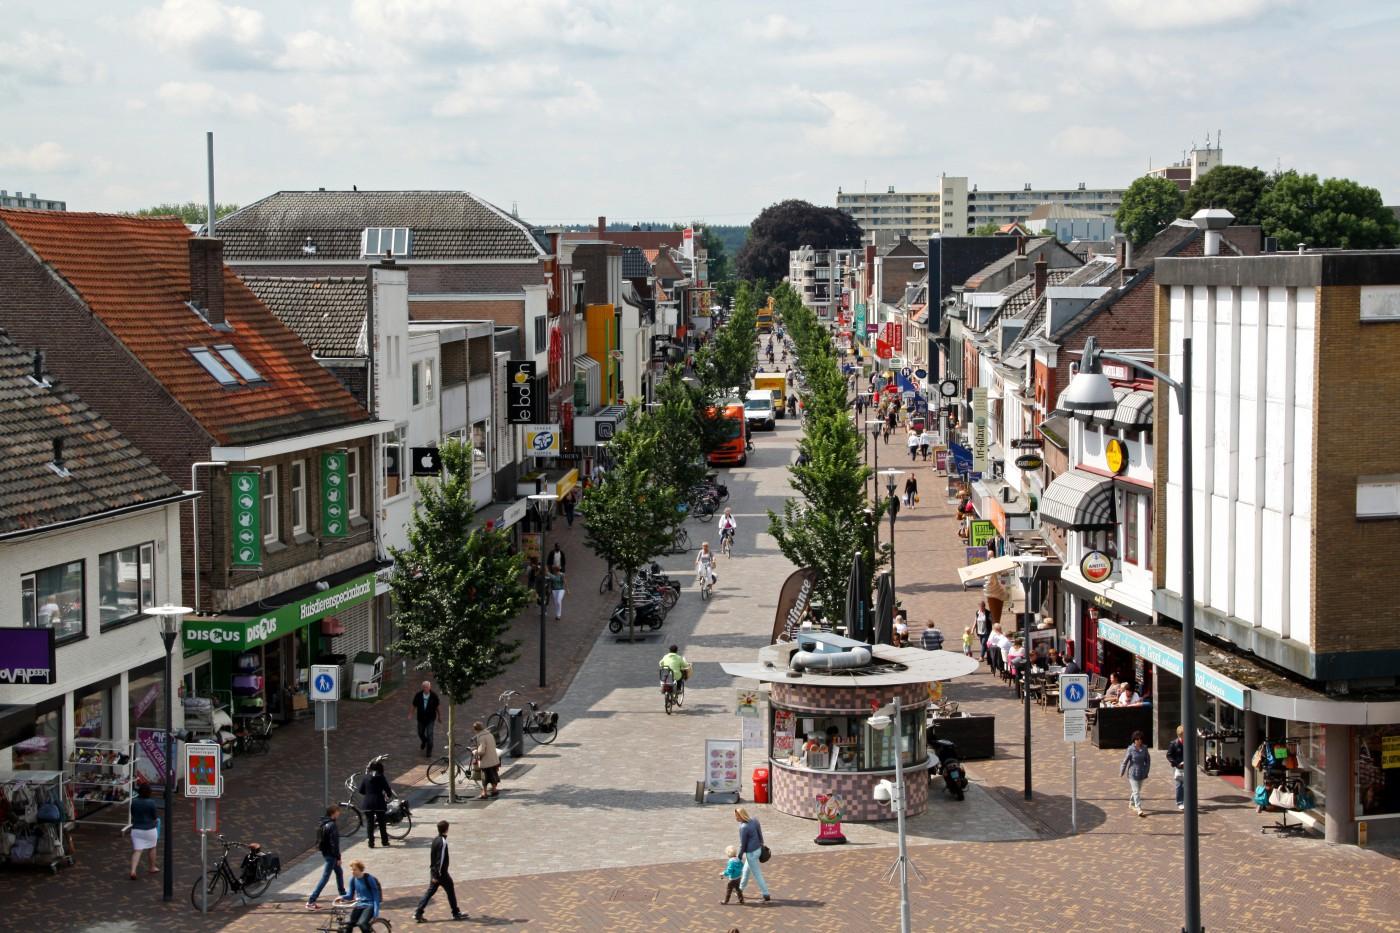 buro-sant-en-co-landschapsarchitectuur-veenendaal-winkelgebied-hoofdstraat-winkelstraat-herinrichting-1